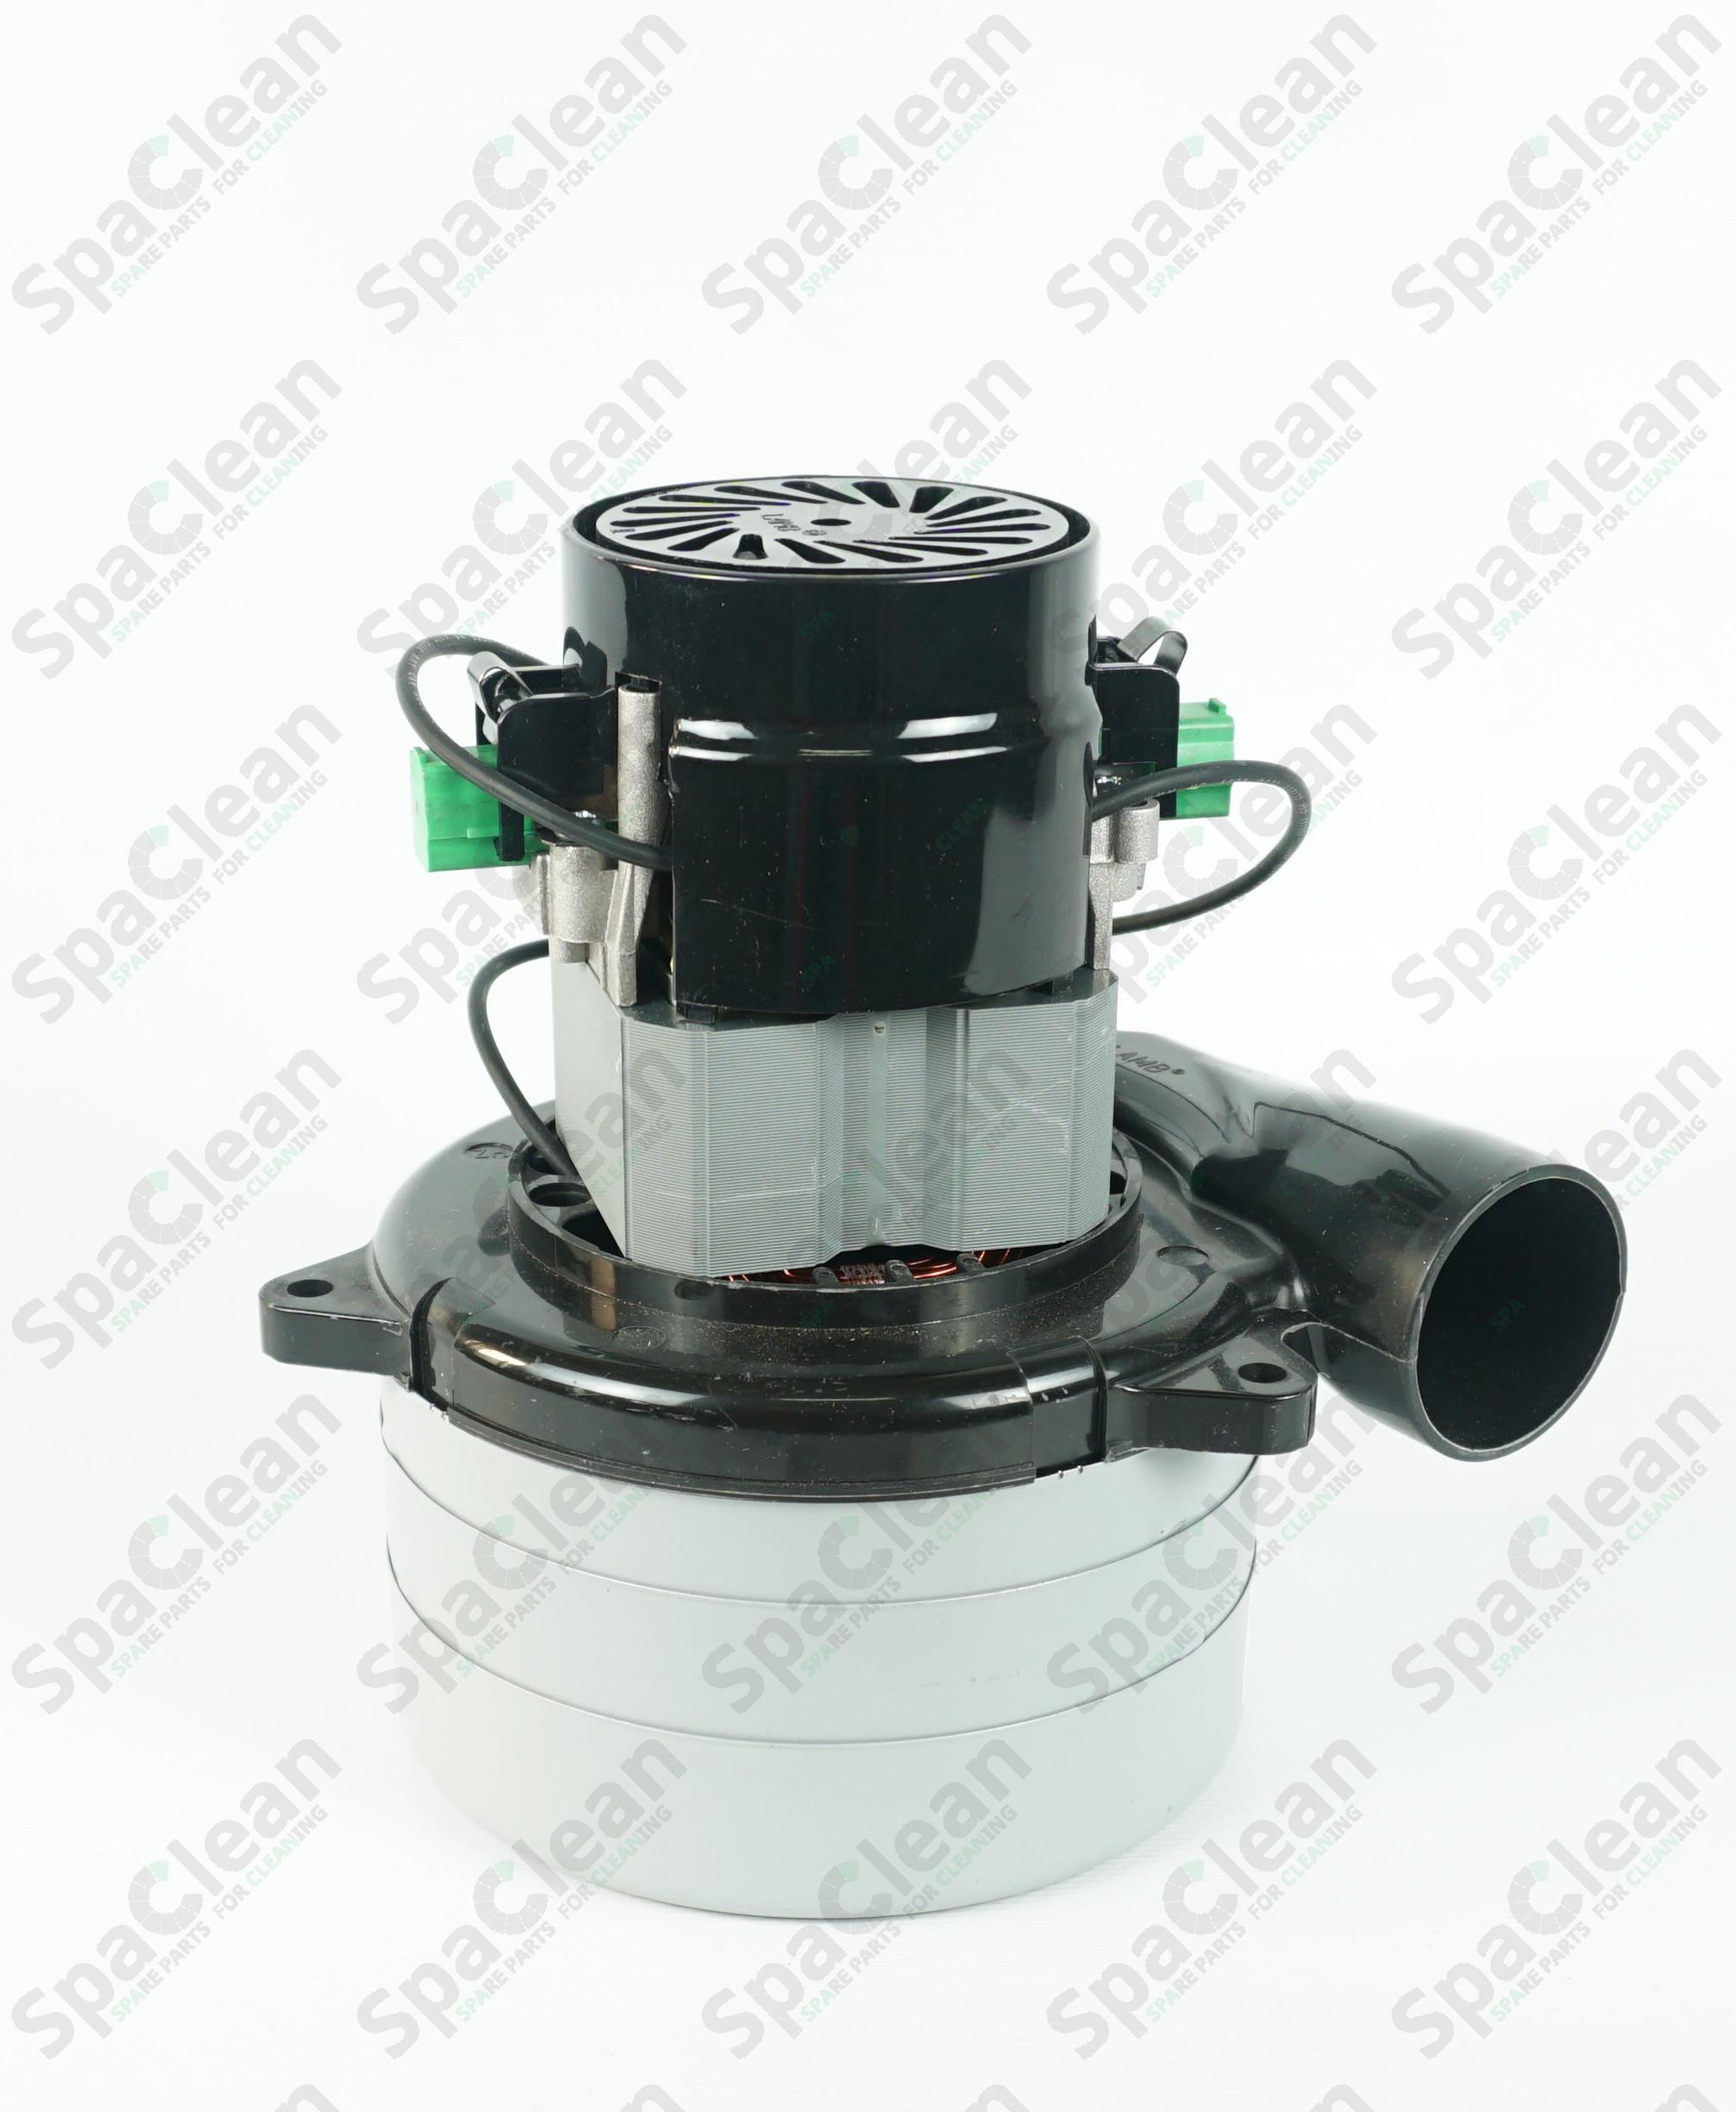 Вакуумный мотор Lamb Ametek 36V 550W Трехстадийный для Nilfisk BR 1300